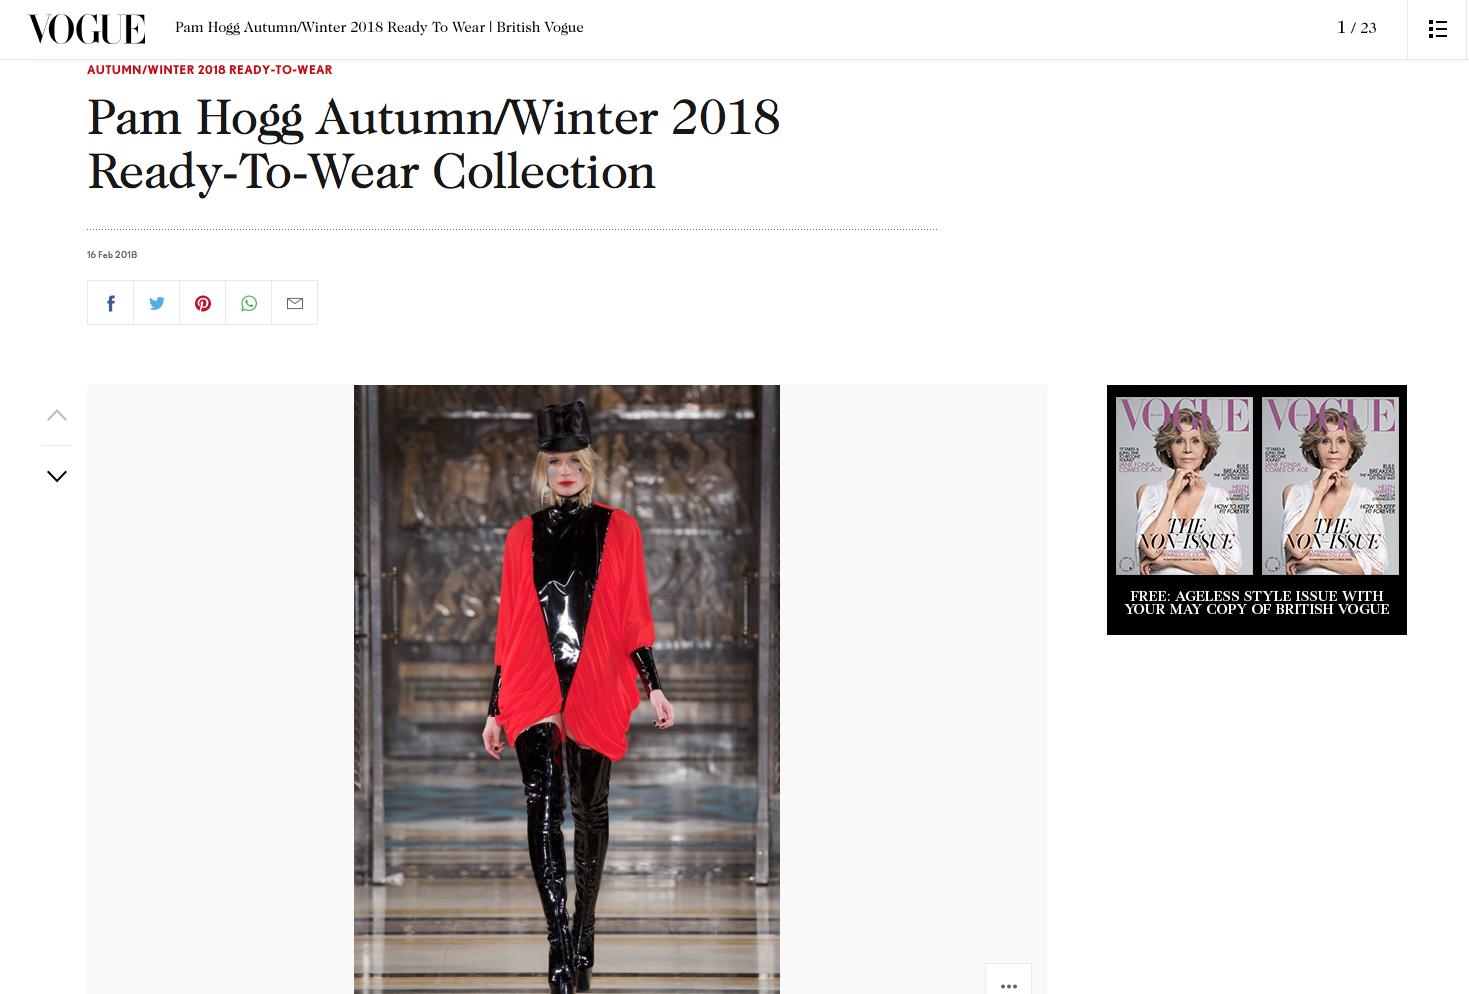 Pam Hogg Autumn Winter 2018 Vogue